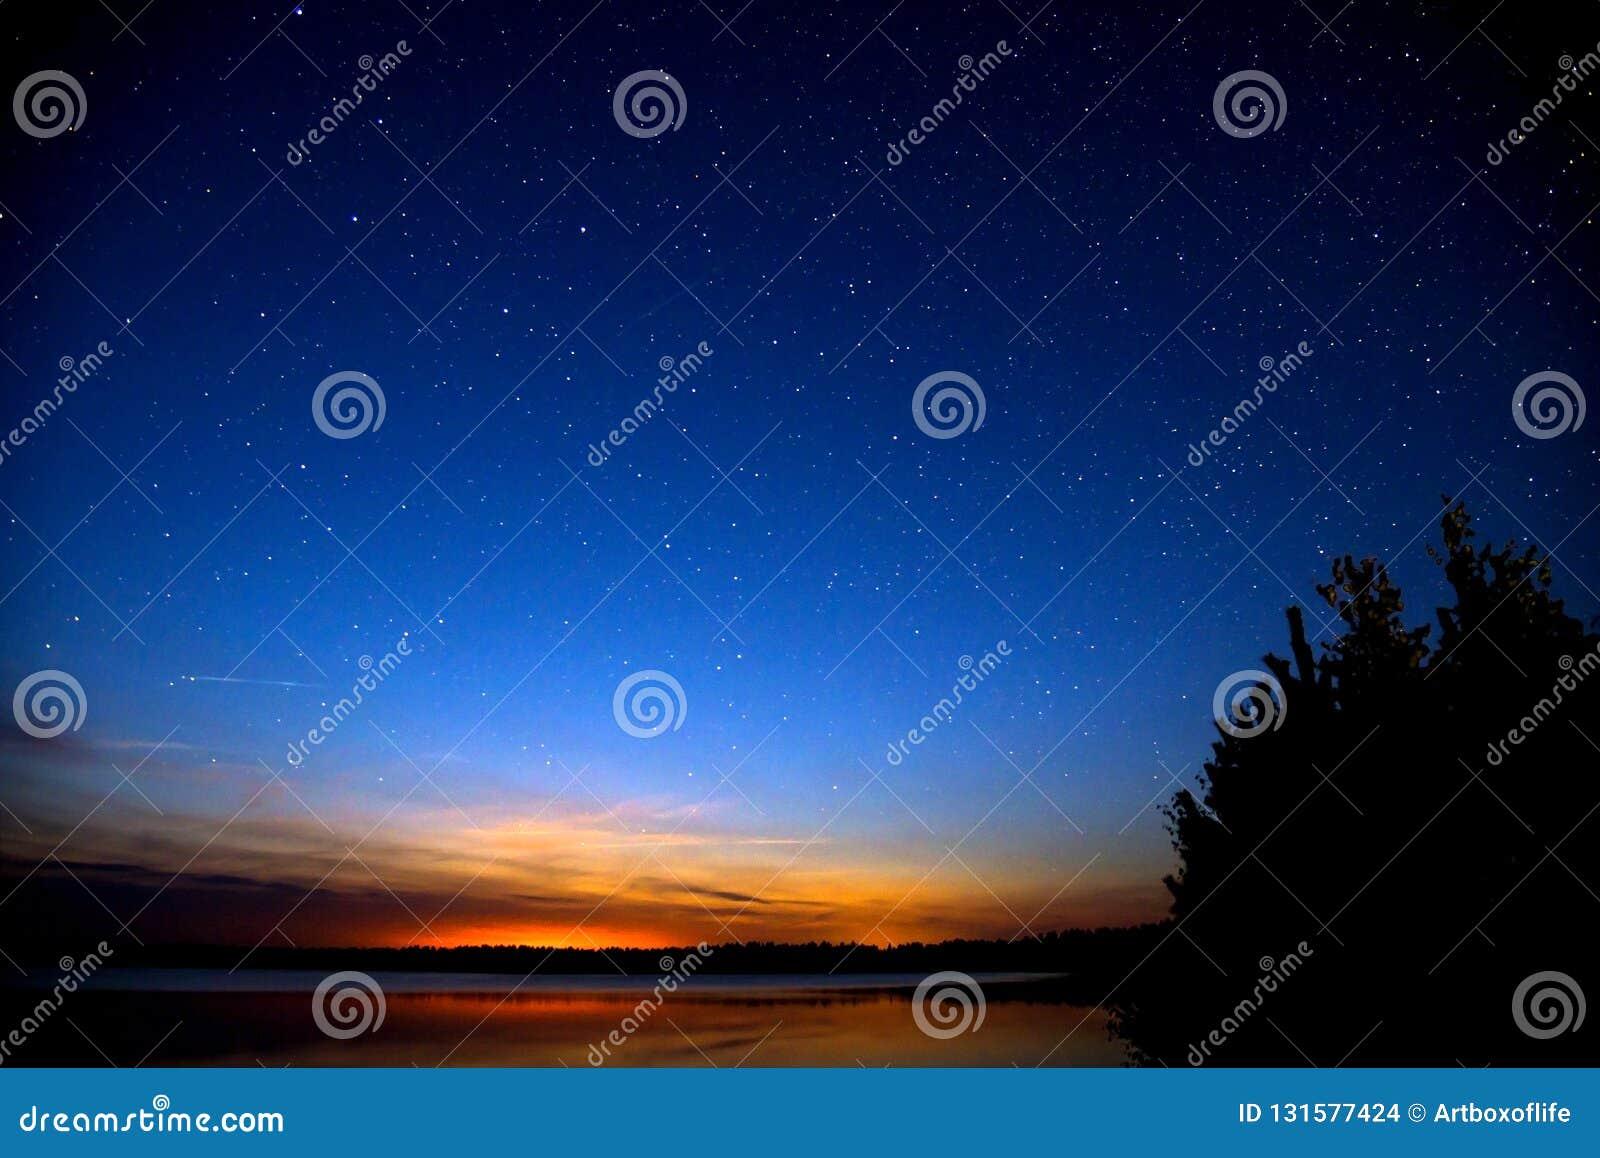 Förbluffa färgrik himmel efter solnedgång vid floden Solnedgång och natthimmel med många stjärnor